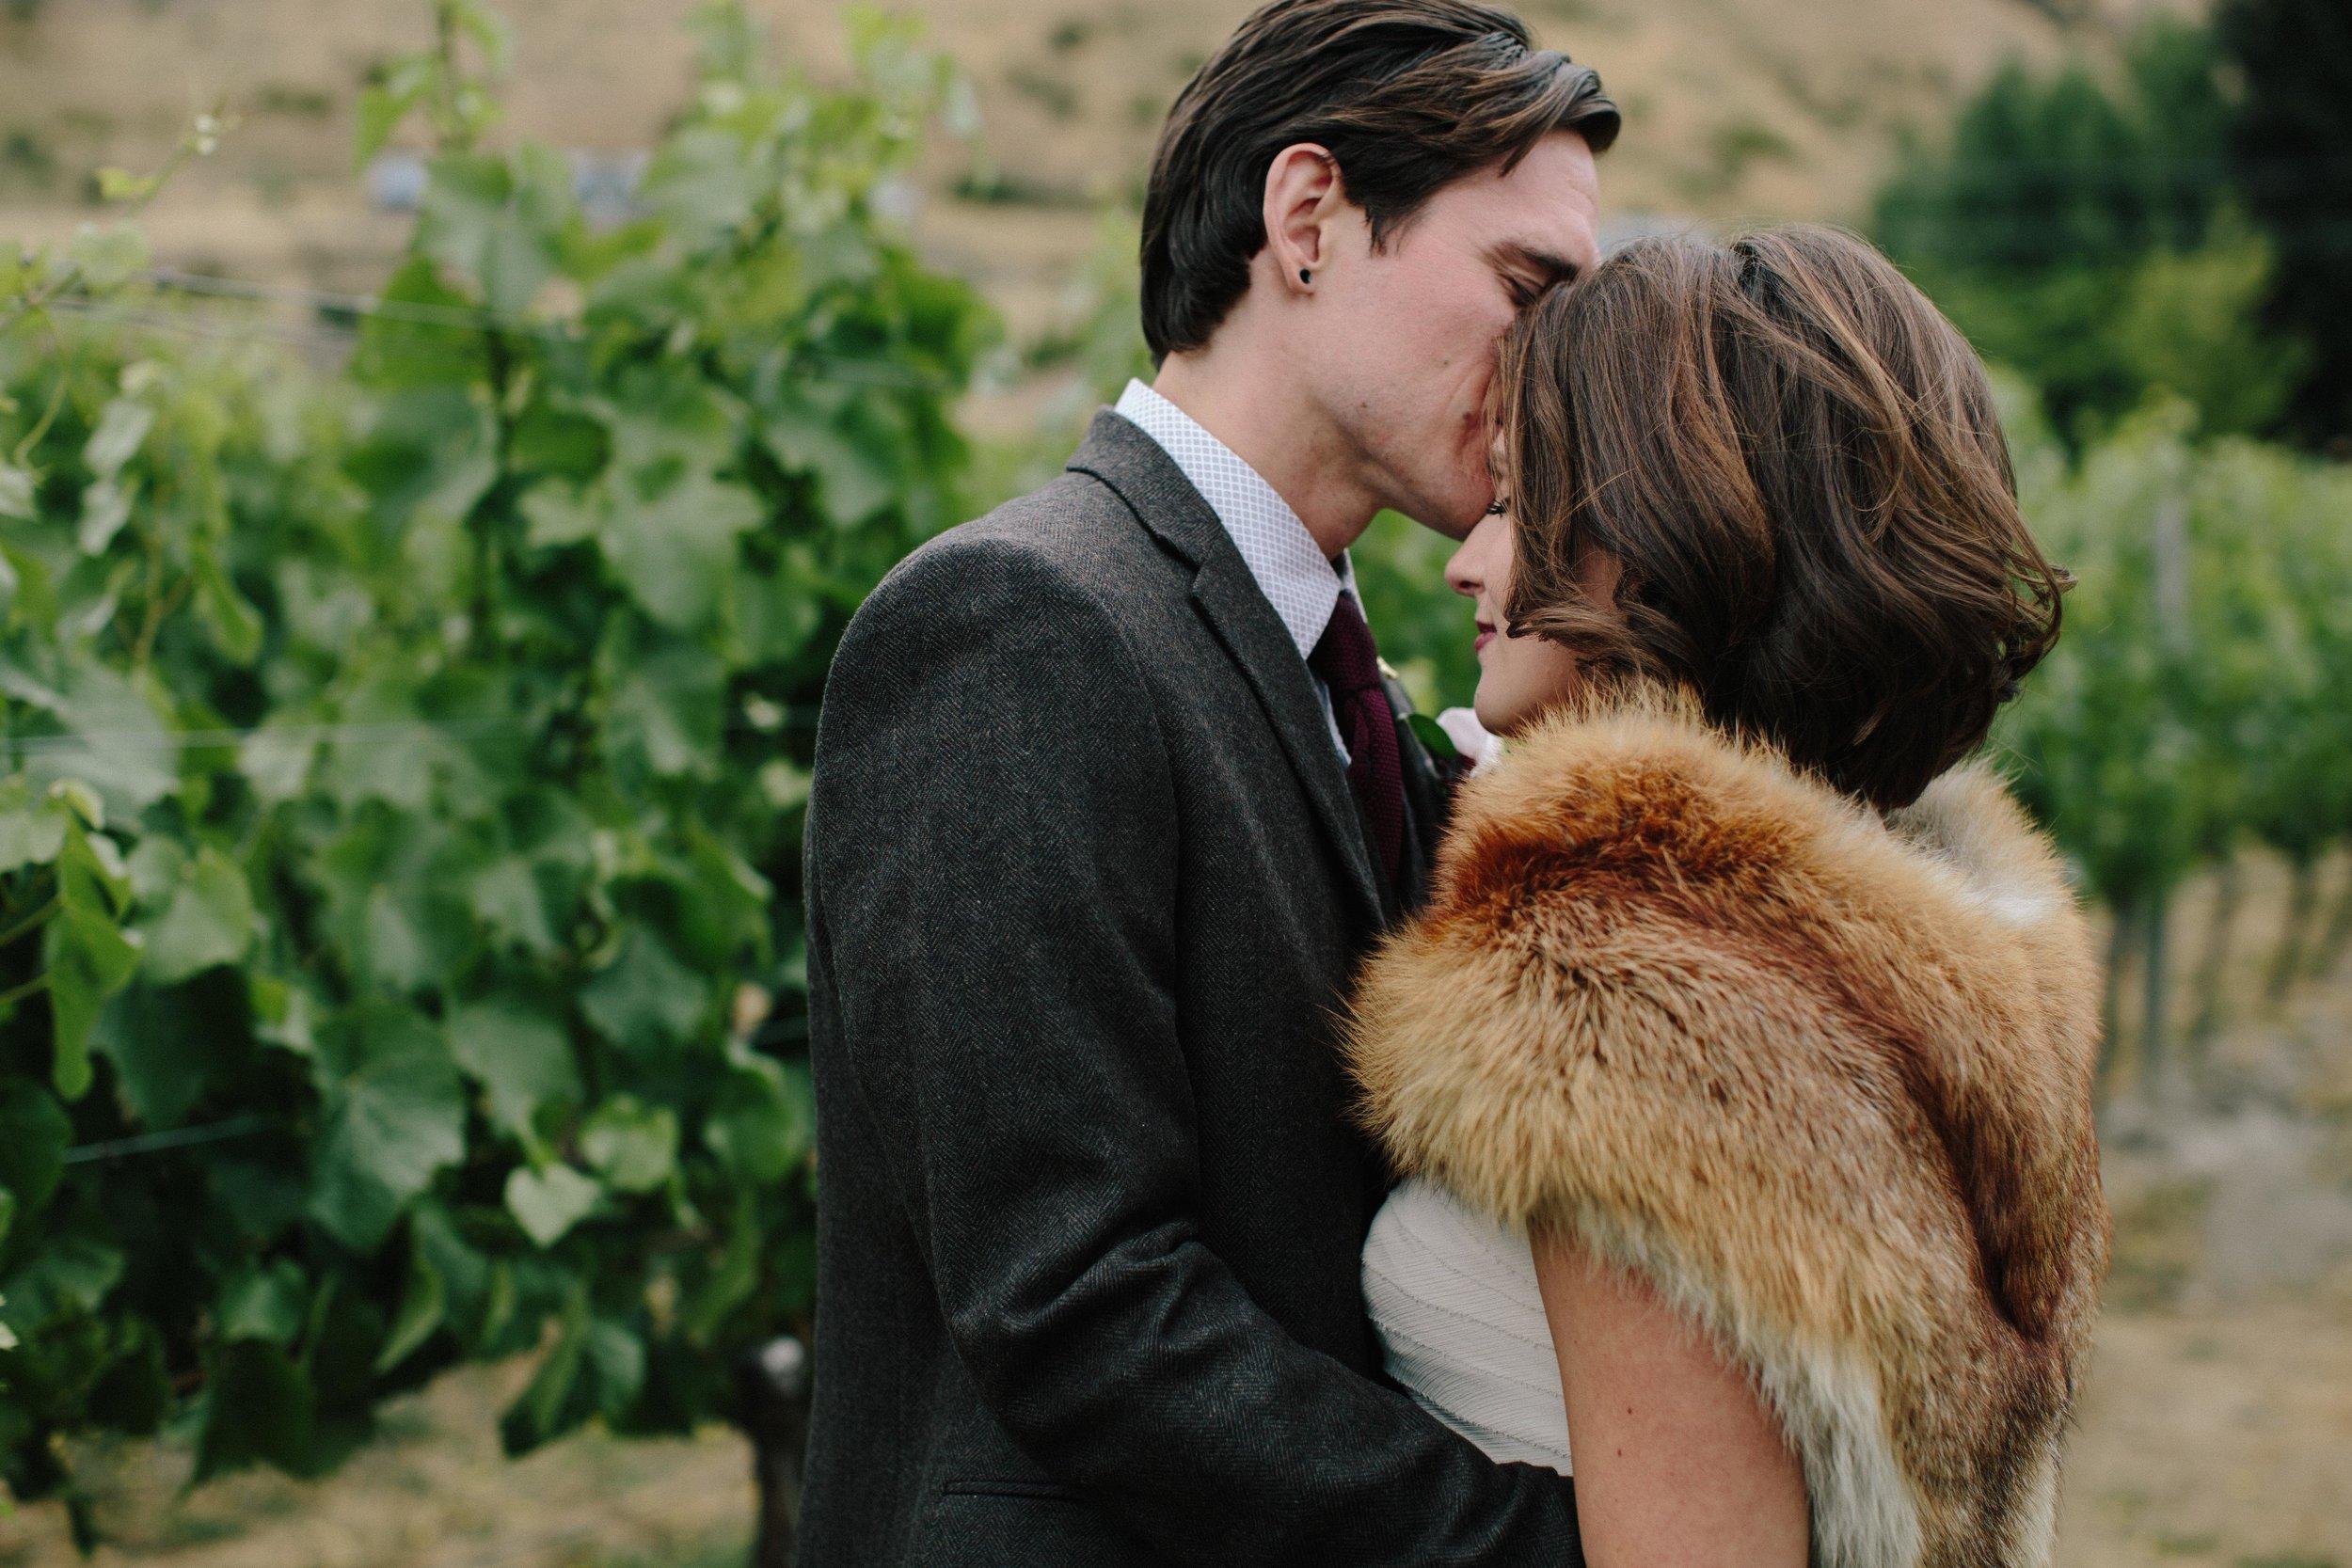 Romantic-New Zealand-Elopement-Bride-Groom.jpg